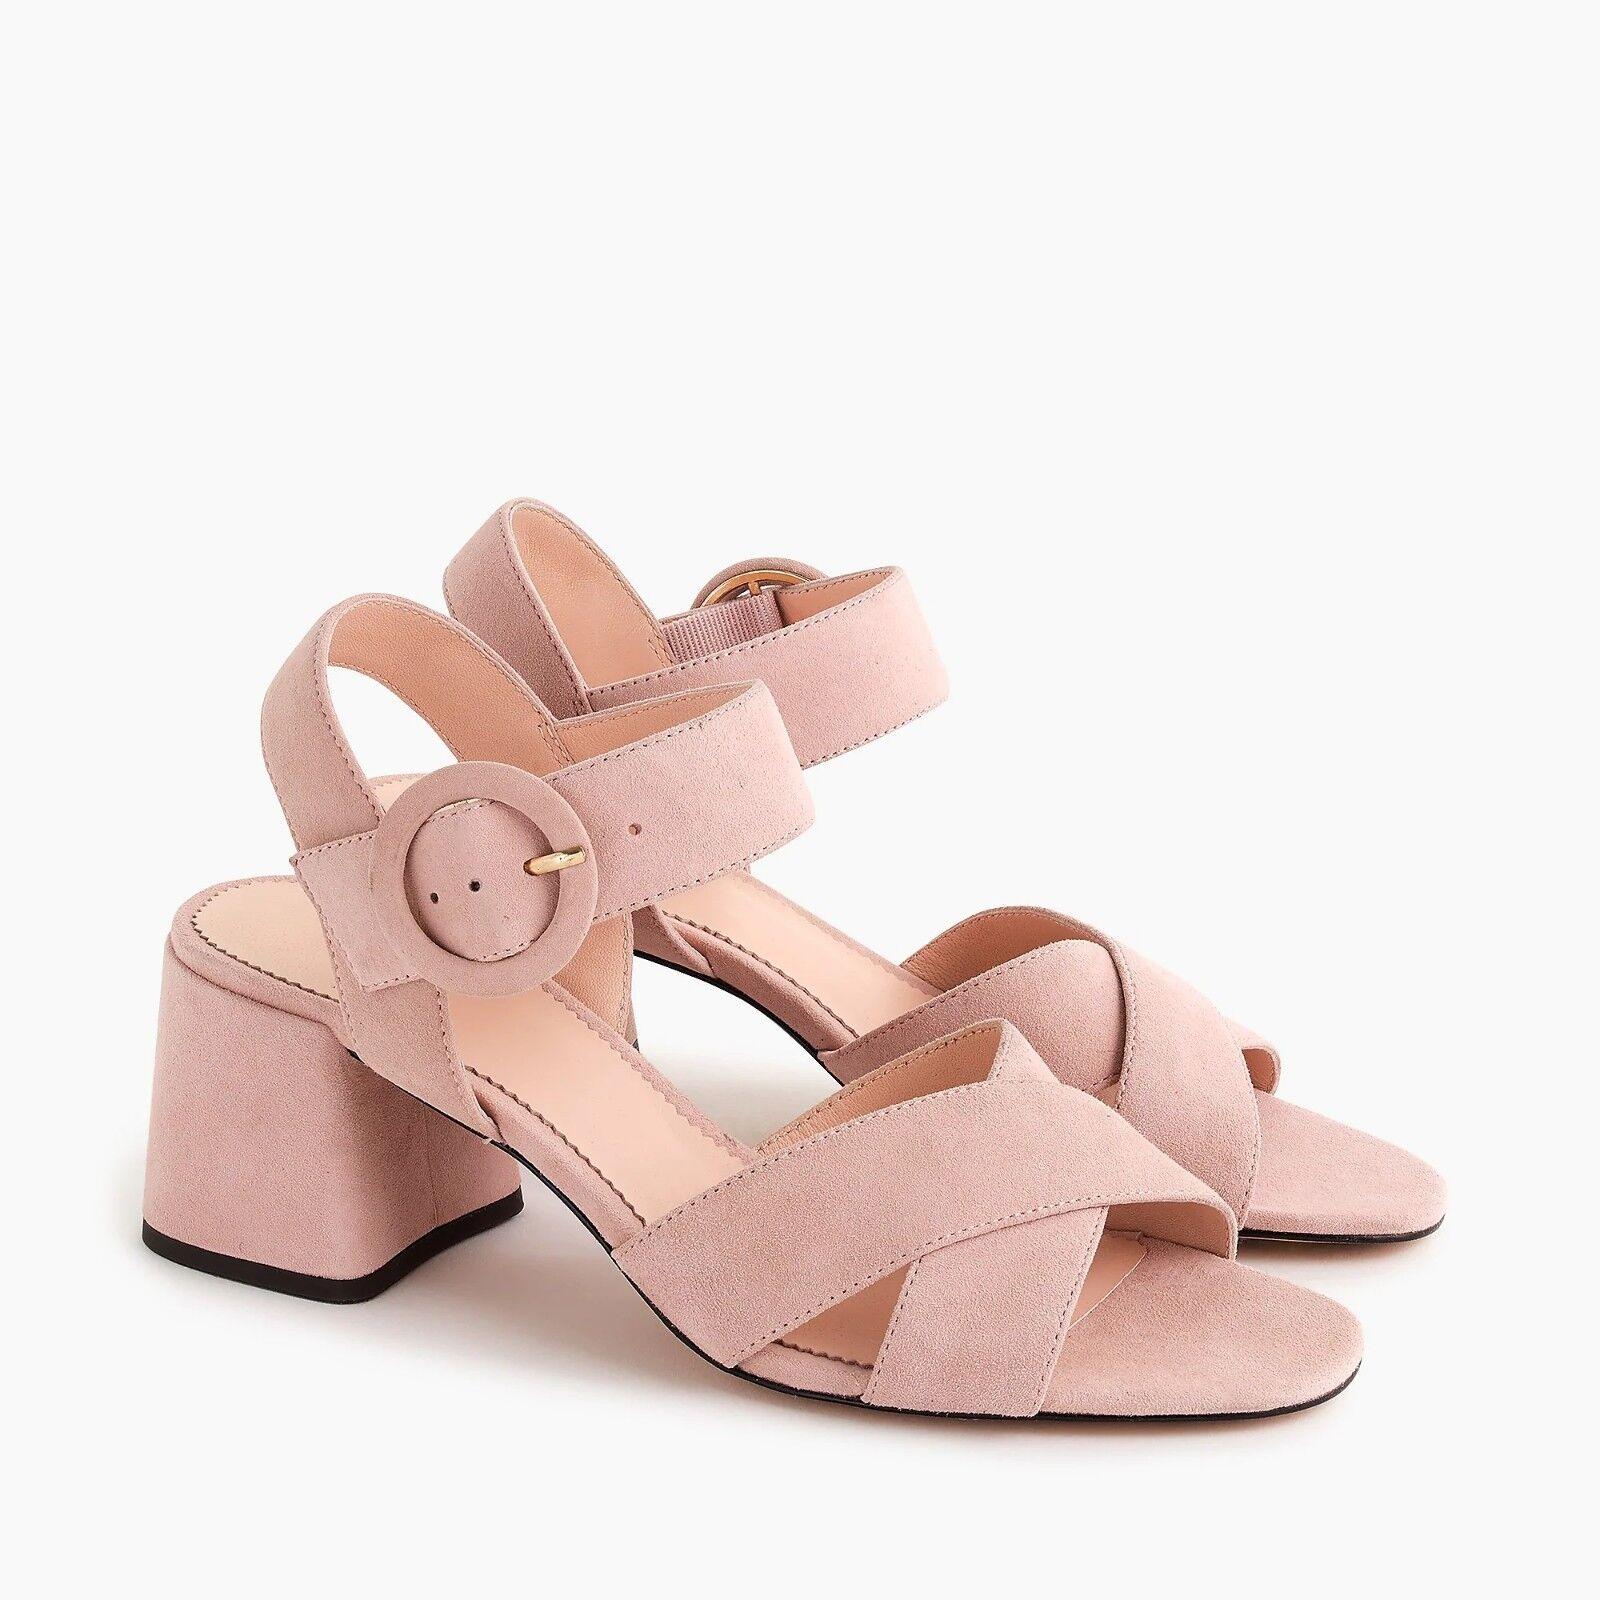 J. Crew Women's Suede Penny Sandals - NIB - Subtle Pink - Size 8